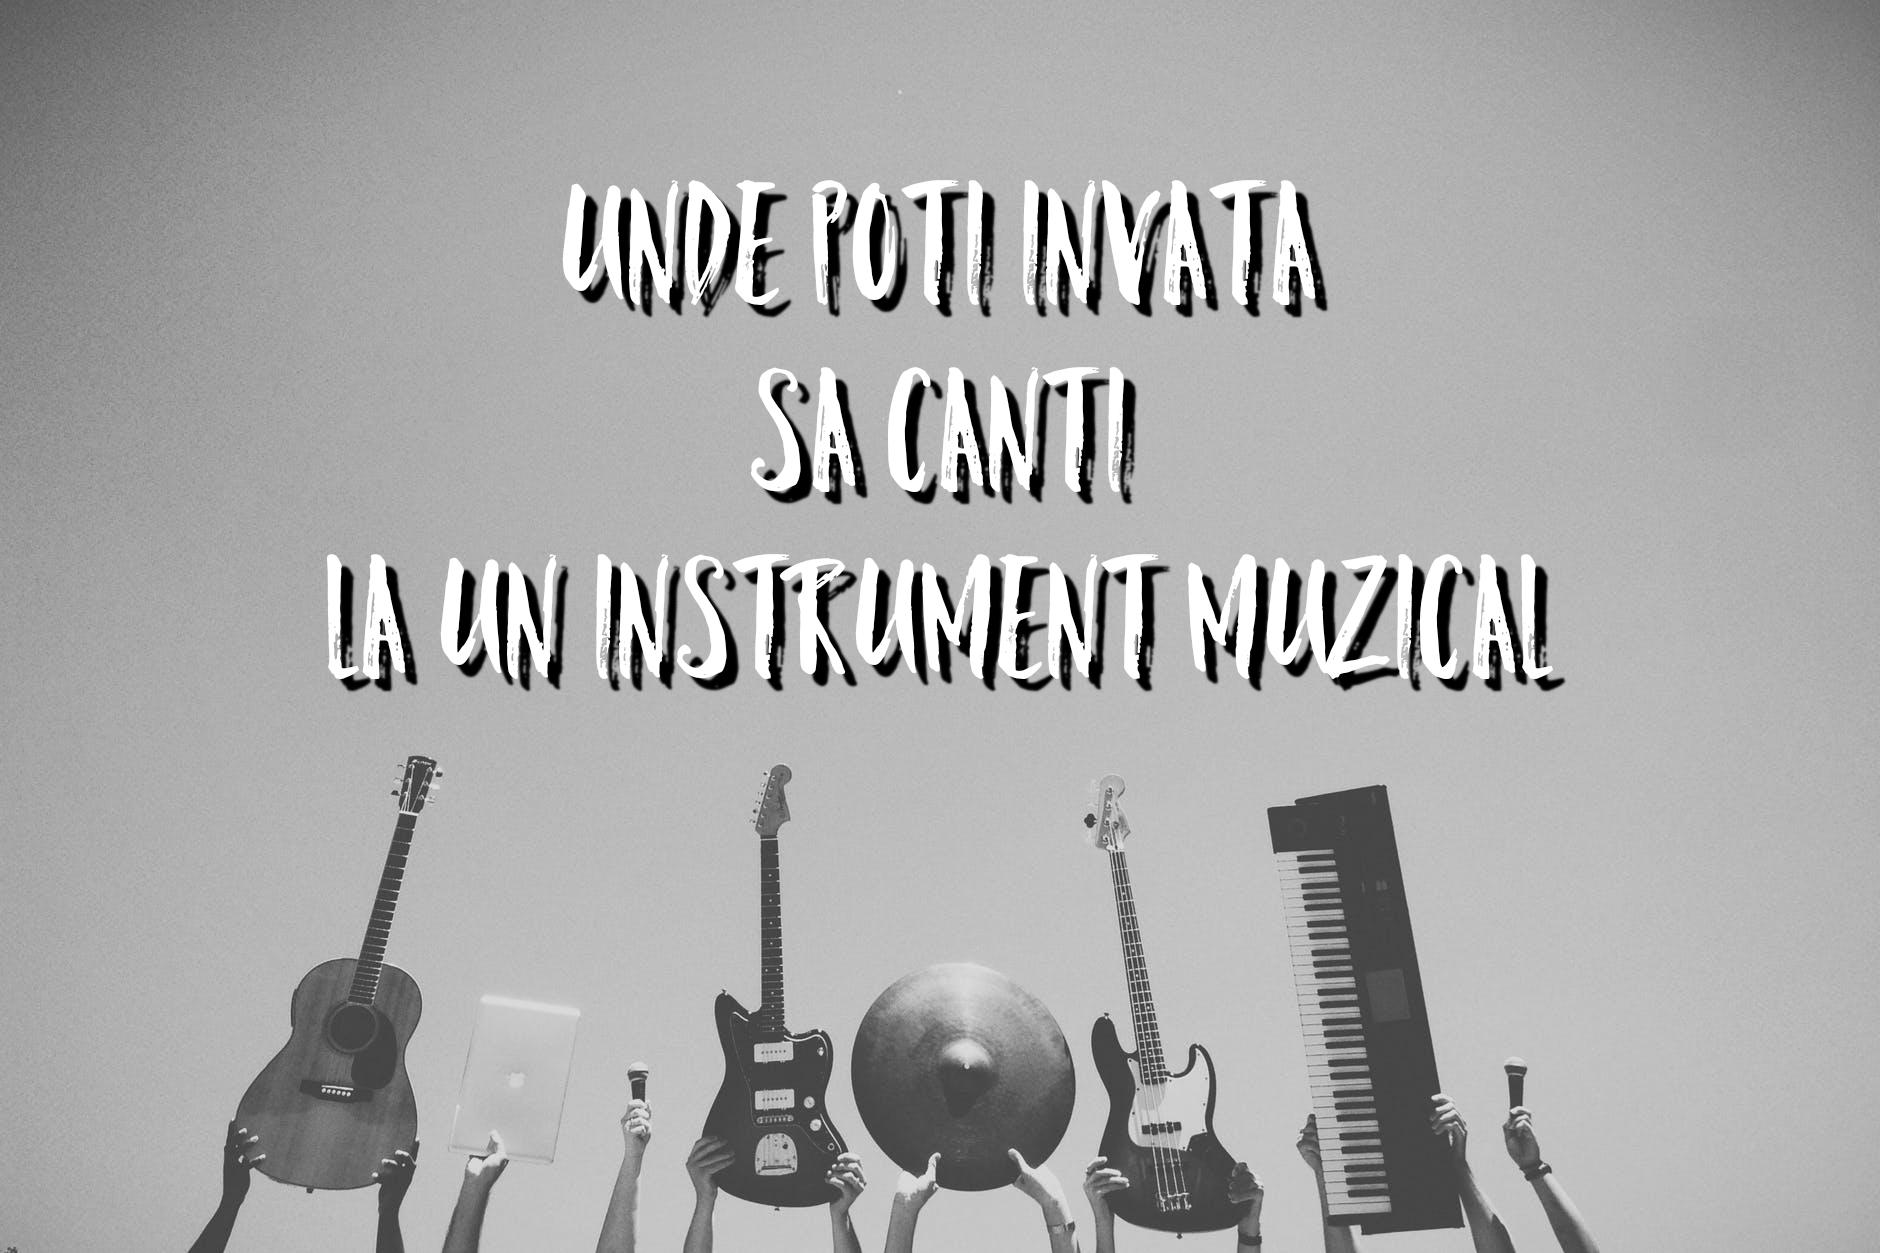 Unde poți învăța să cânți la un instrument muzical